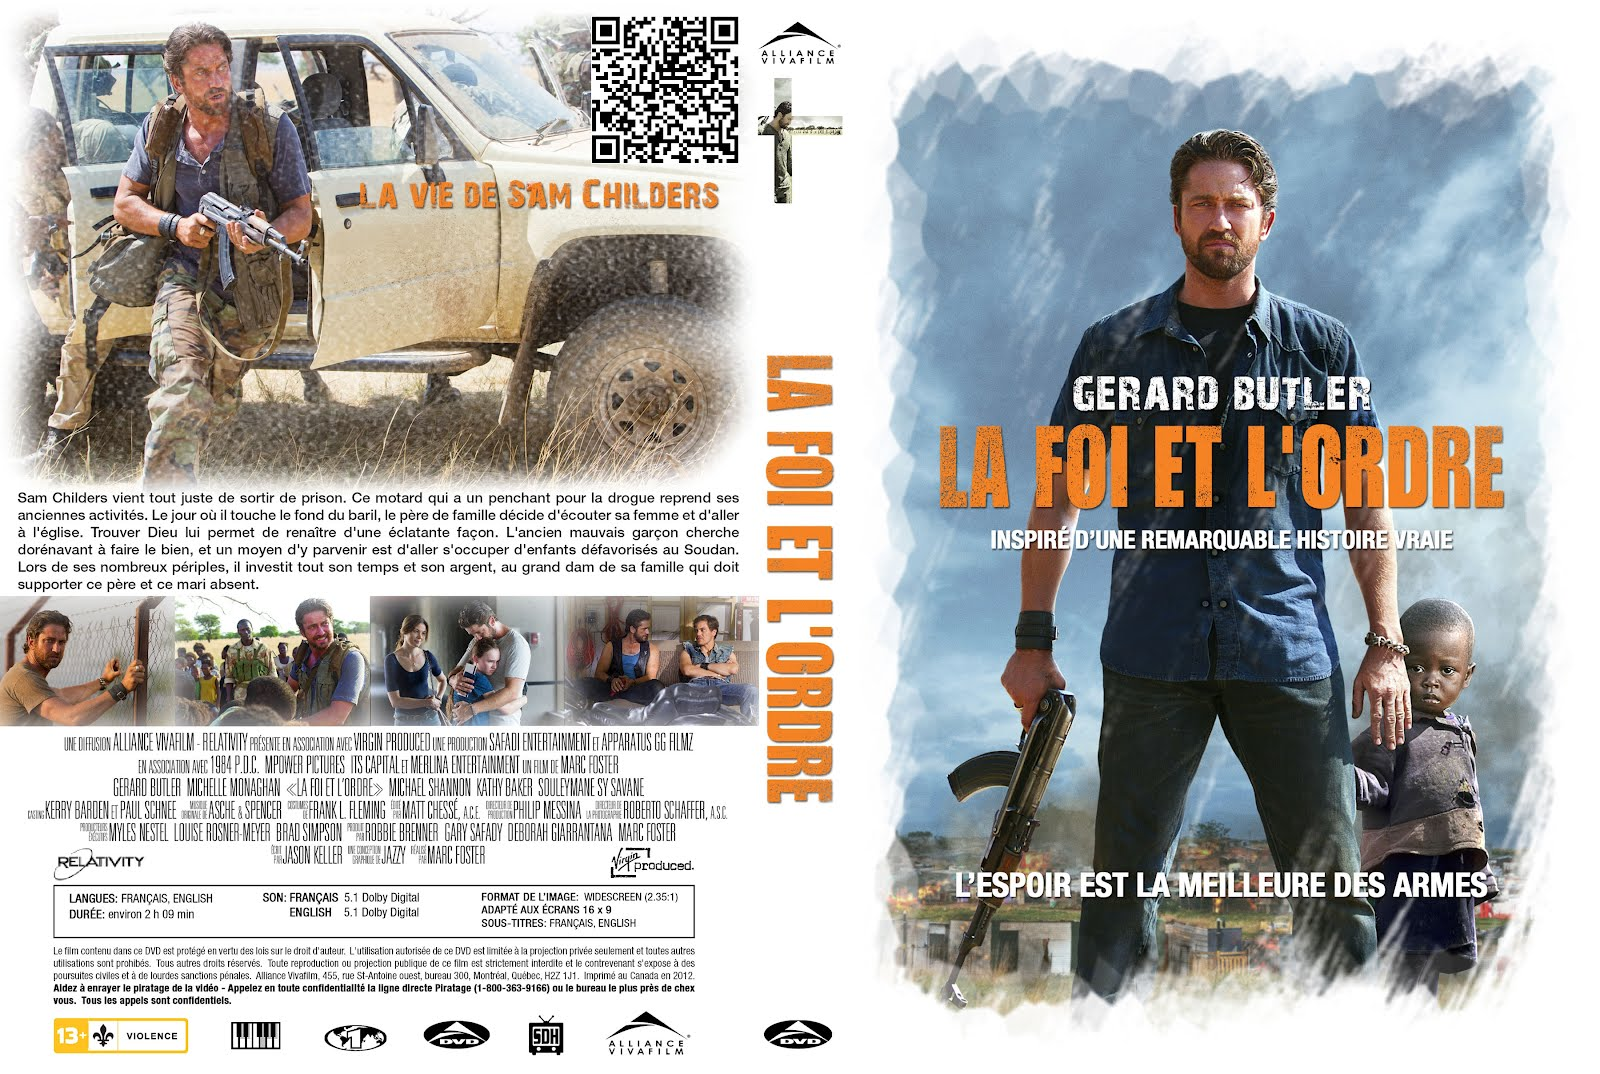 La Foi Et L'ordre Machine Gun Preacher Dvd Front Cover